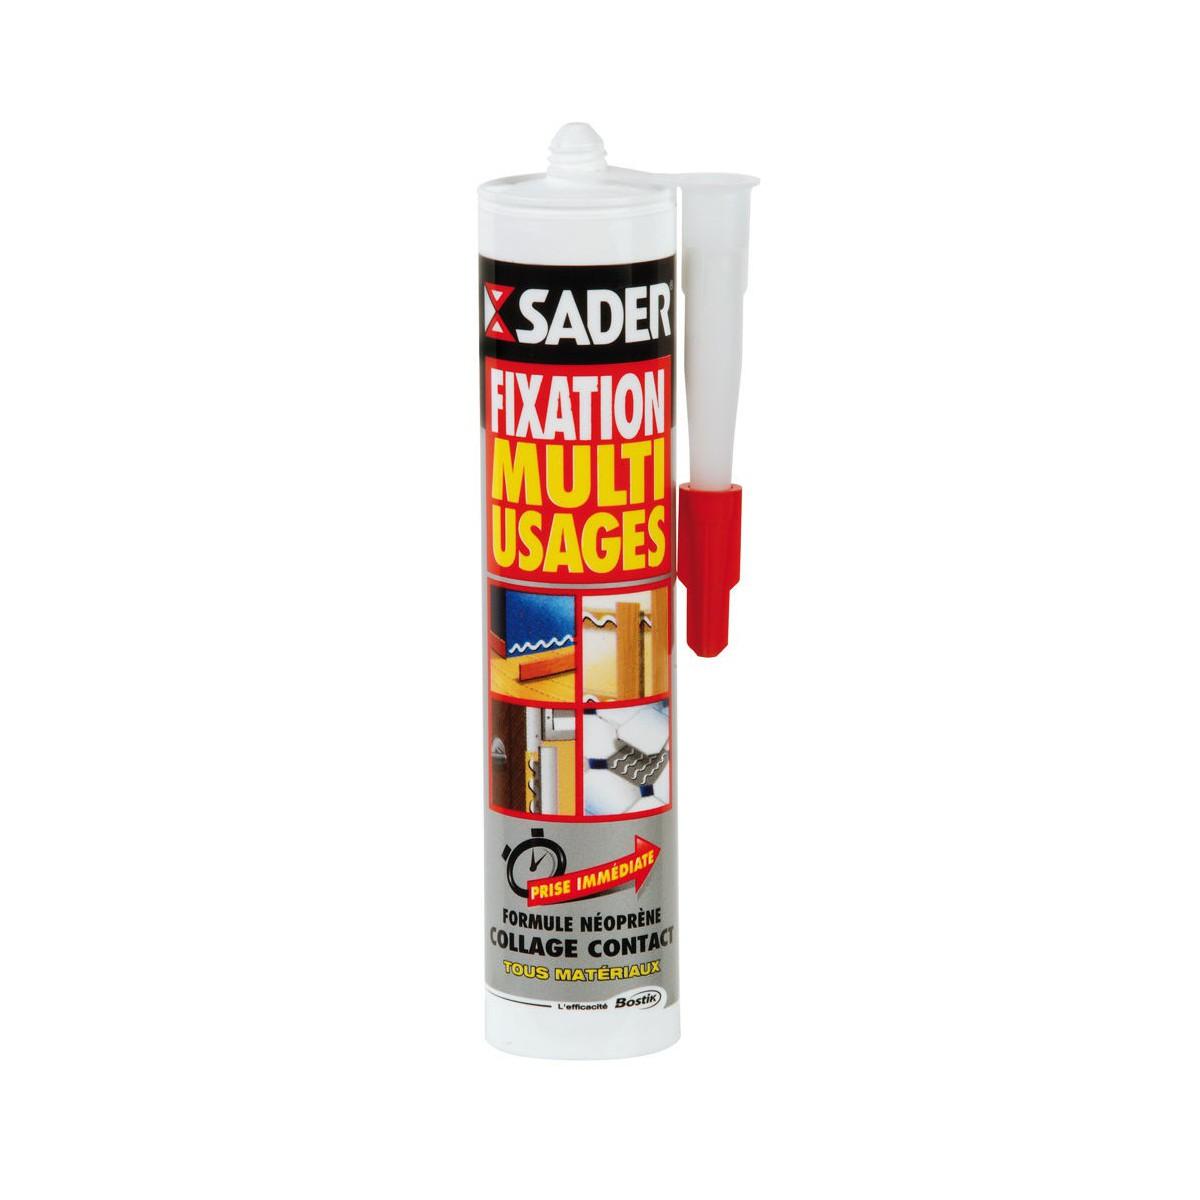 SADER - Colle néoprène de fixation multi-usages 310ml à 8,90